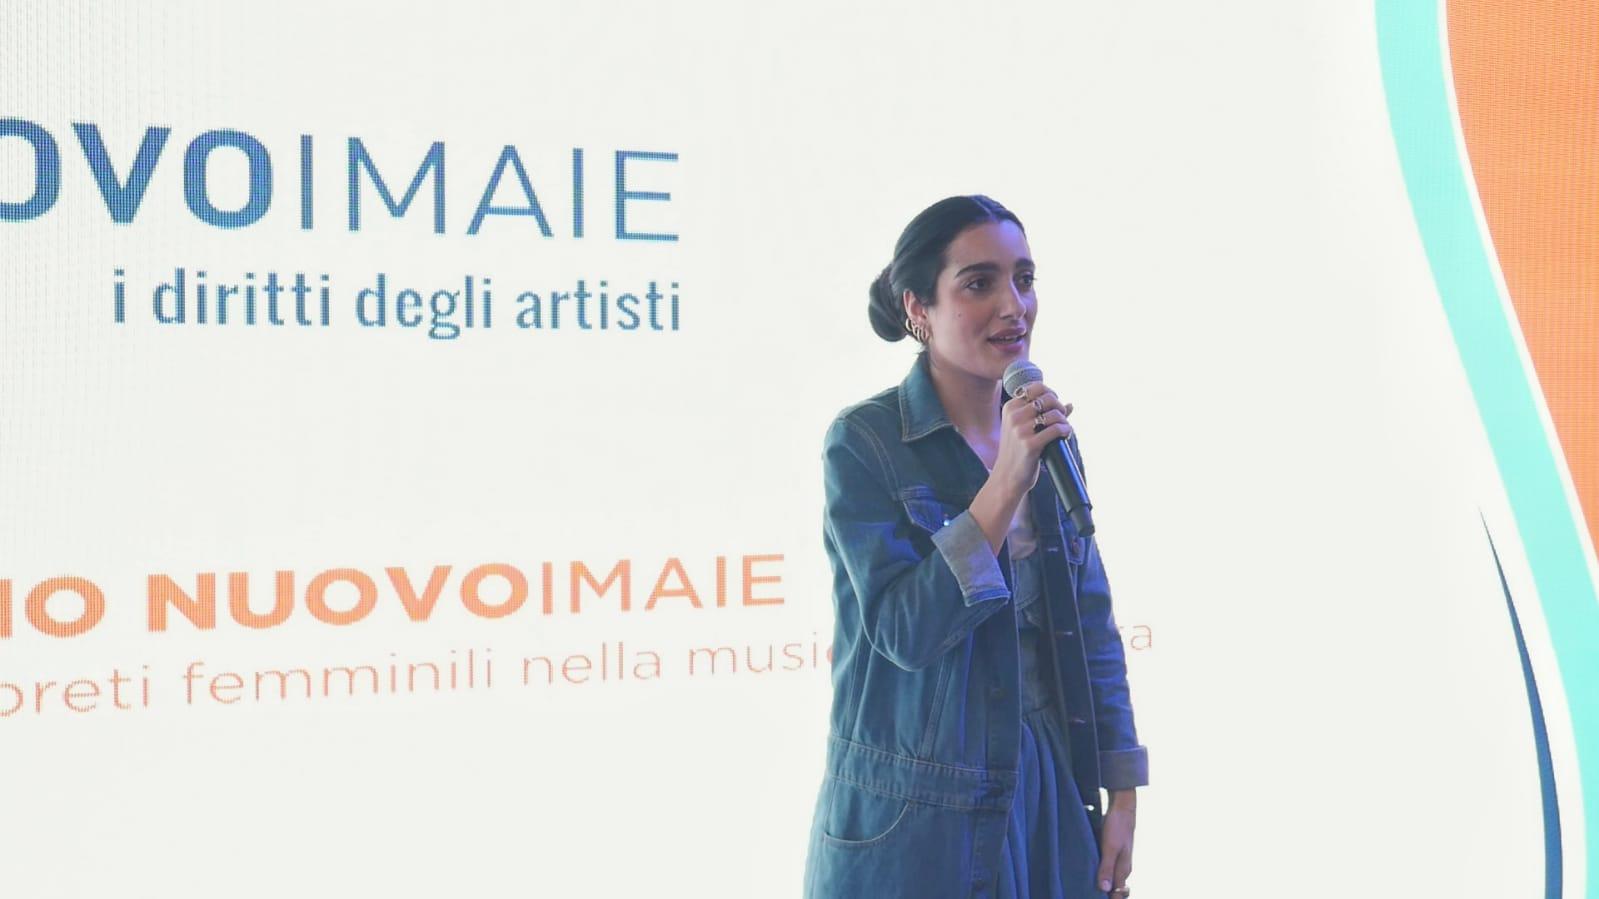 Sanremo: presentata la Ricerca NUOVOIMAIE sull'impiego delle interpreti femminili nel Music Business